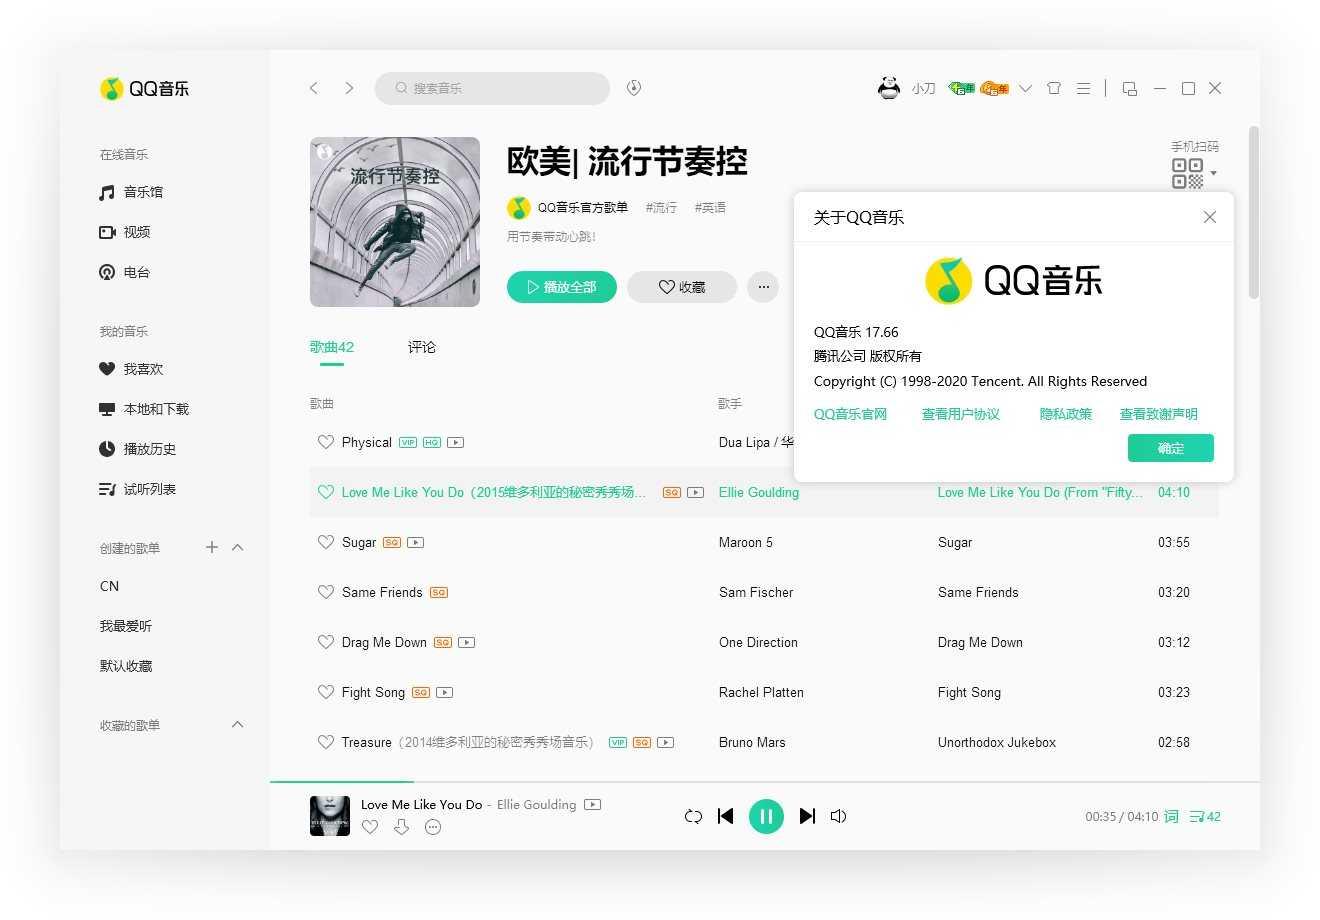 QQ音乐PC客户端v17.66.0.0